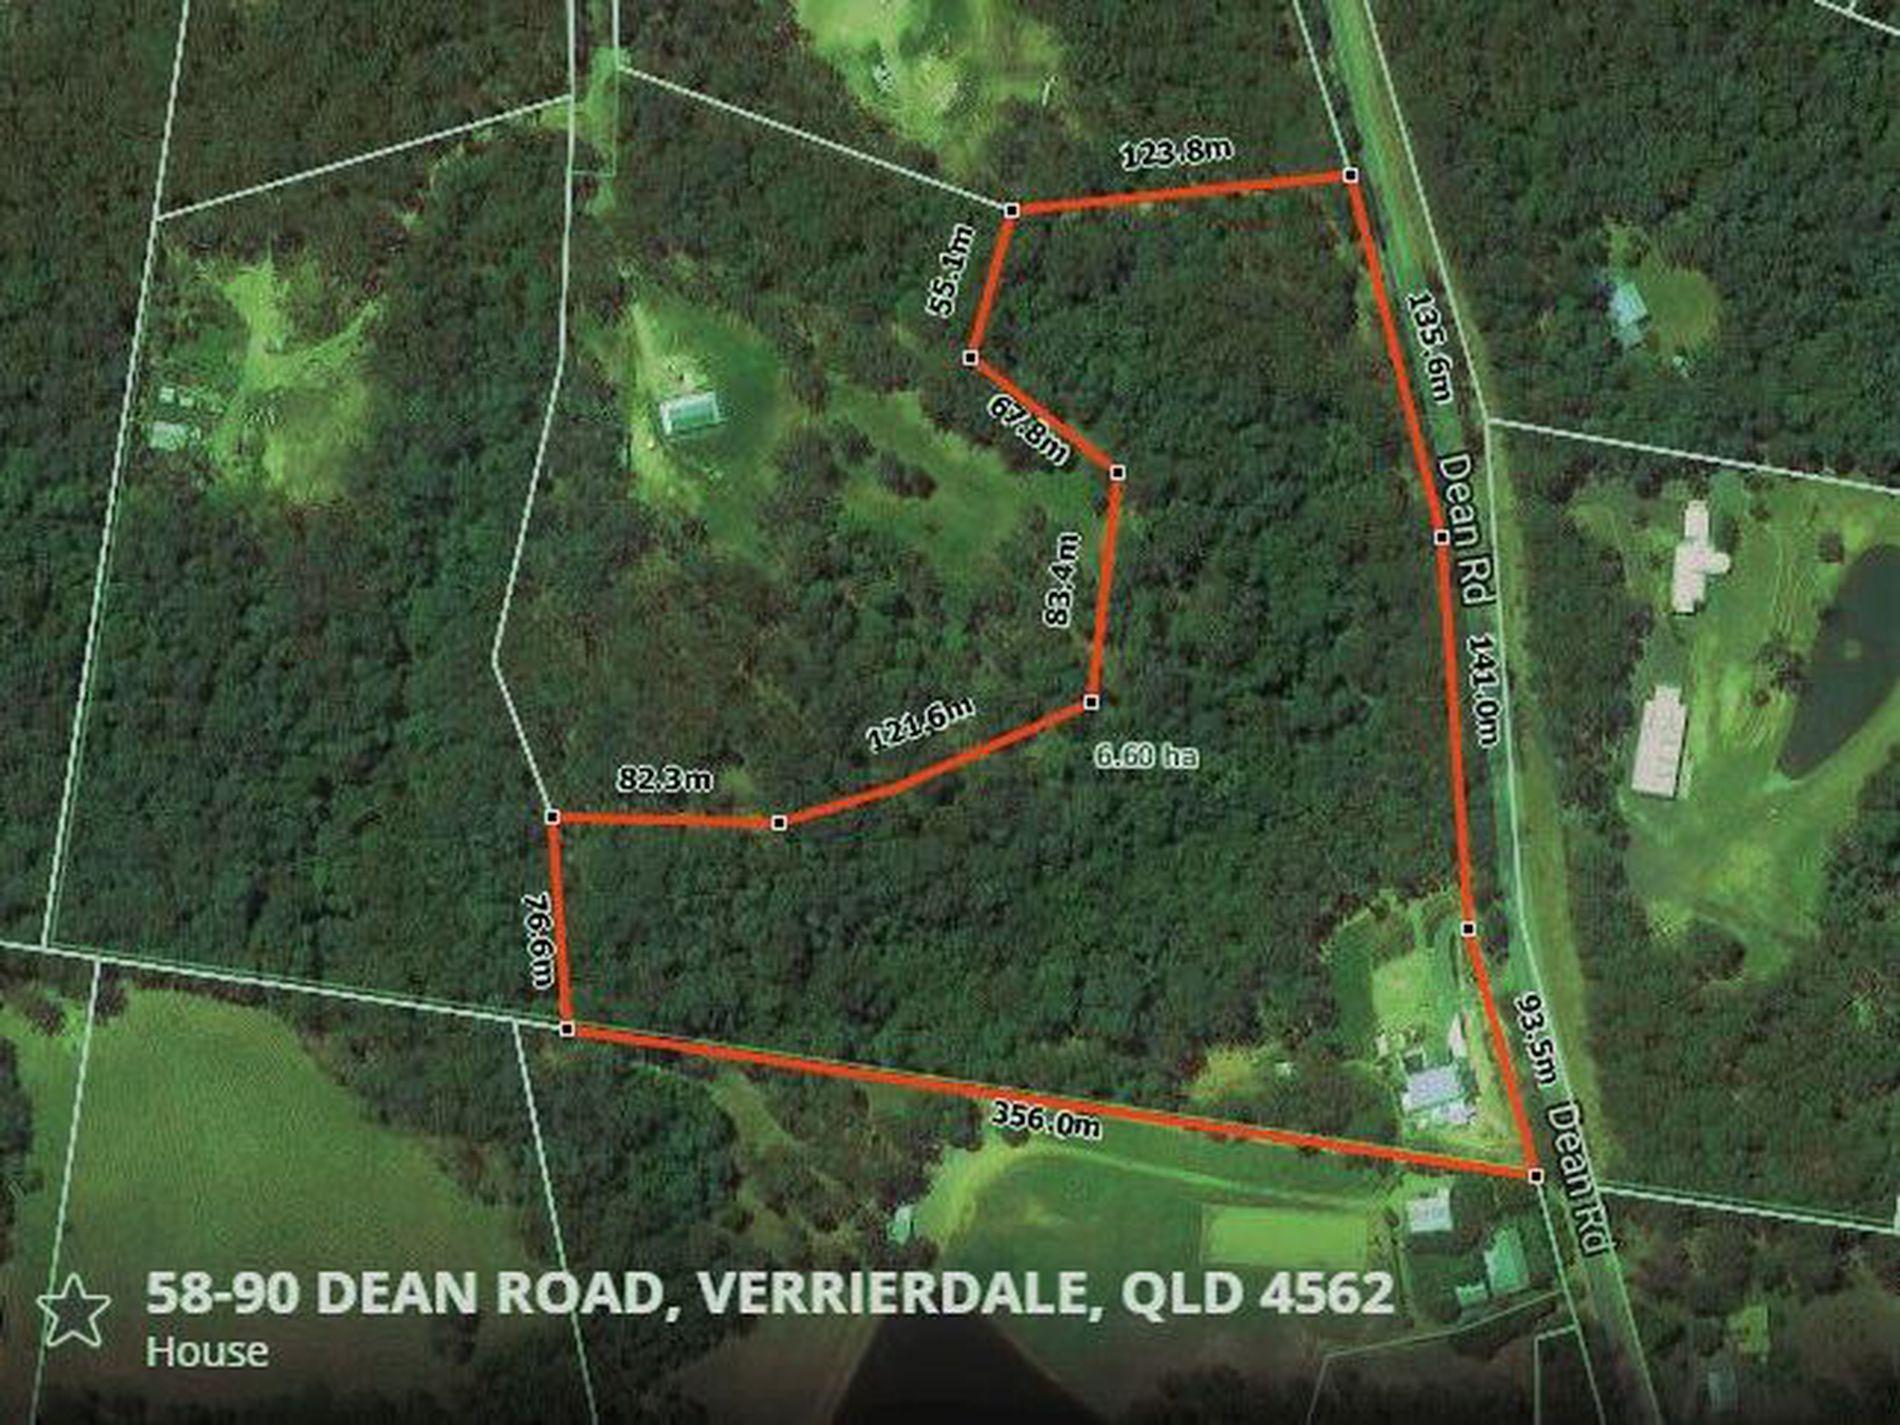 58-90 Dean Rd, Verrierdale